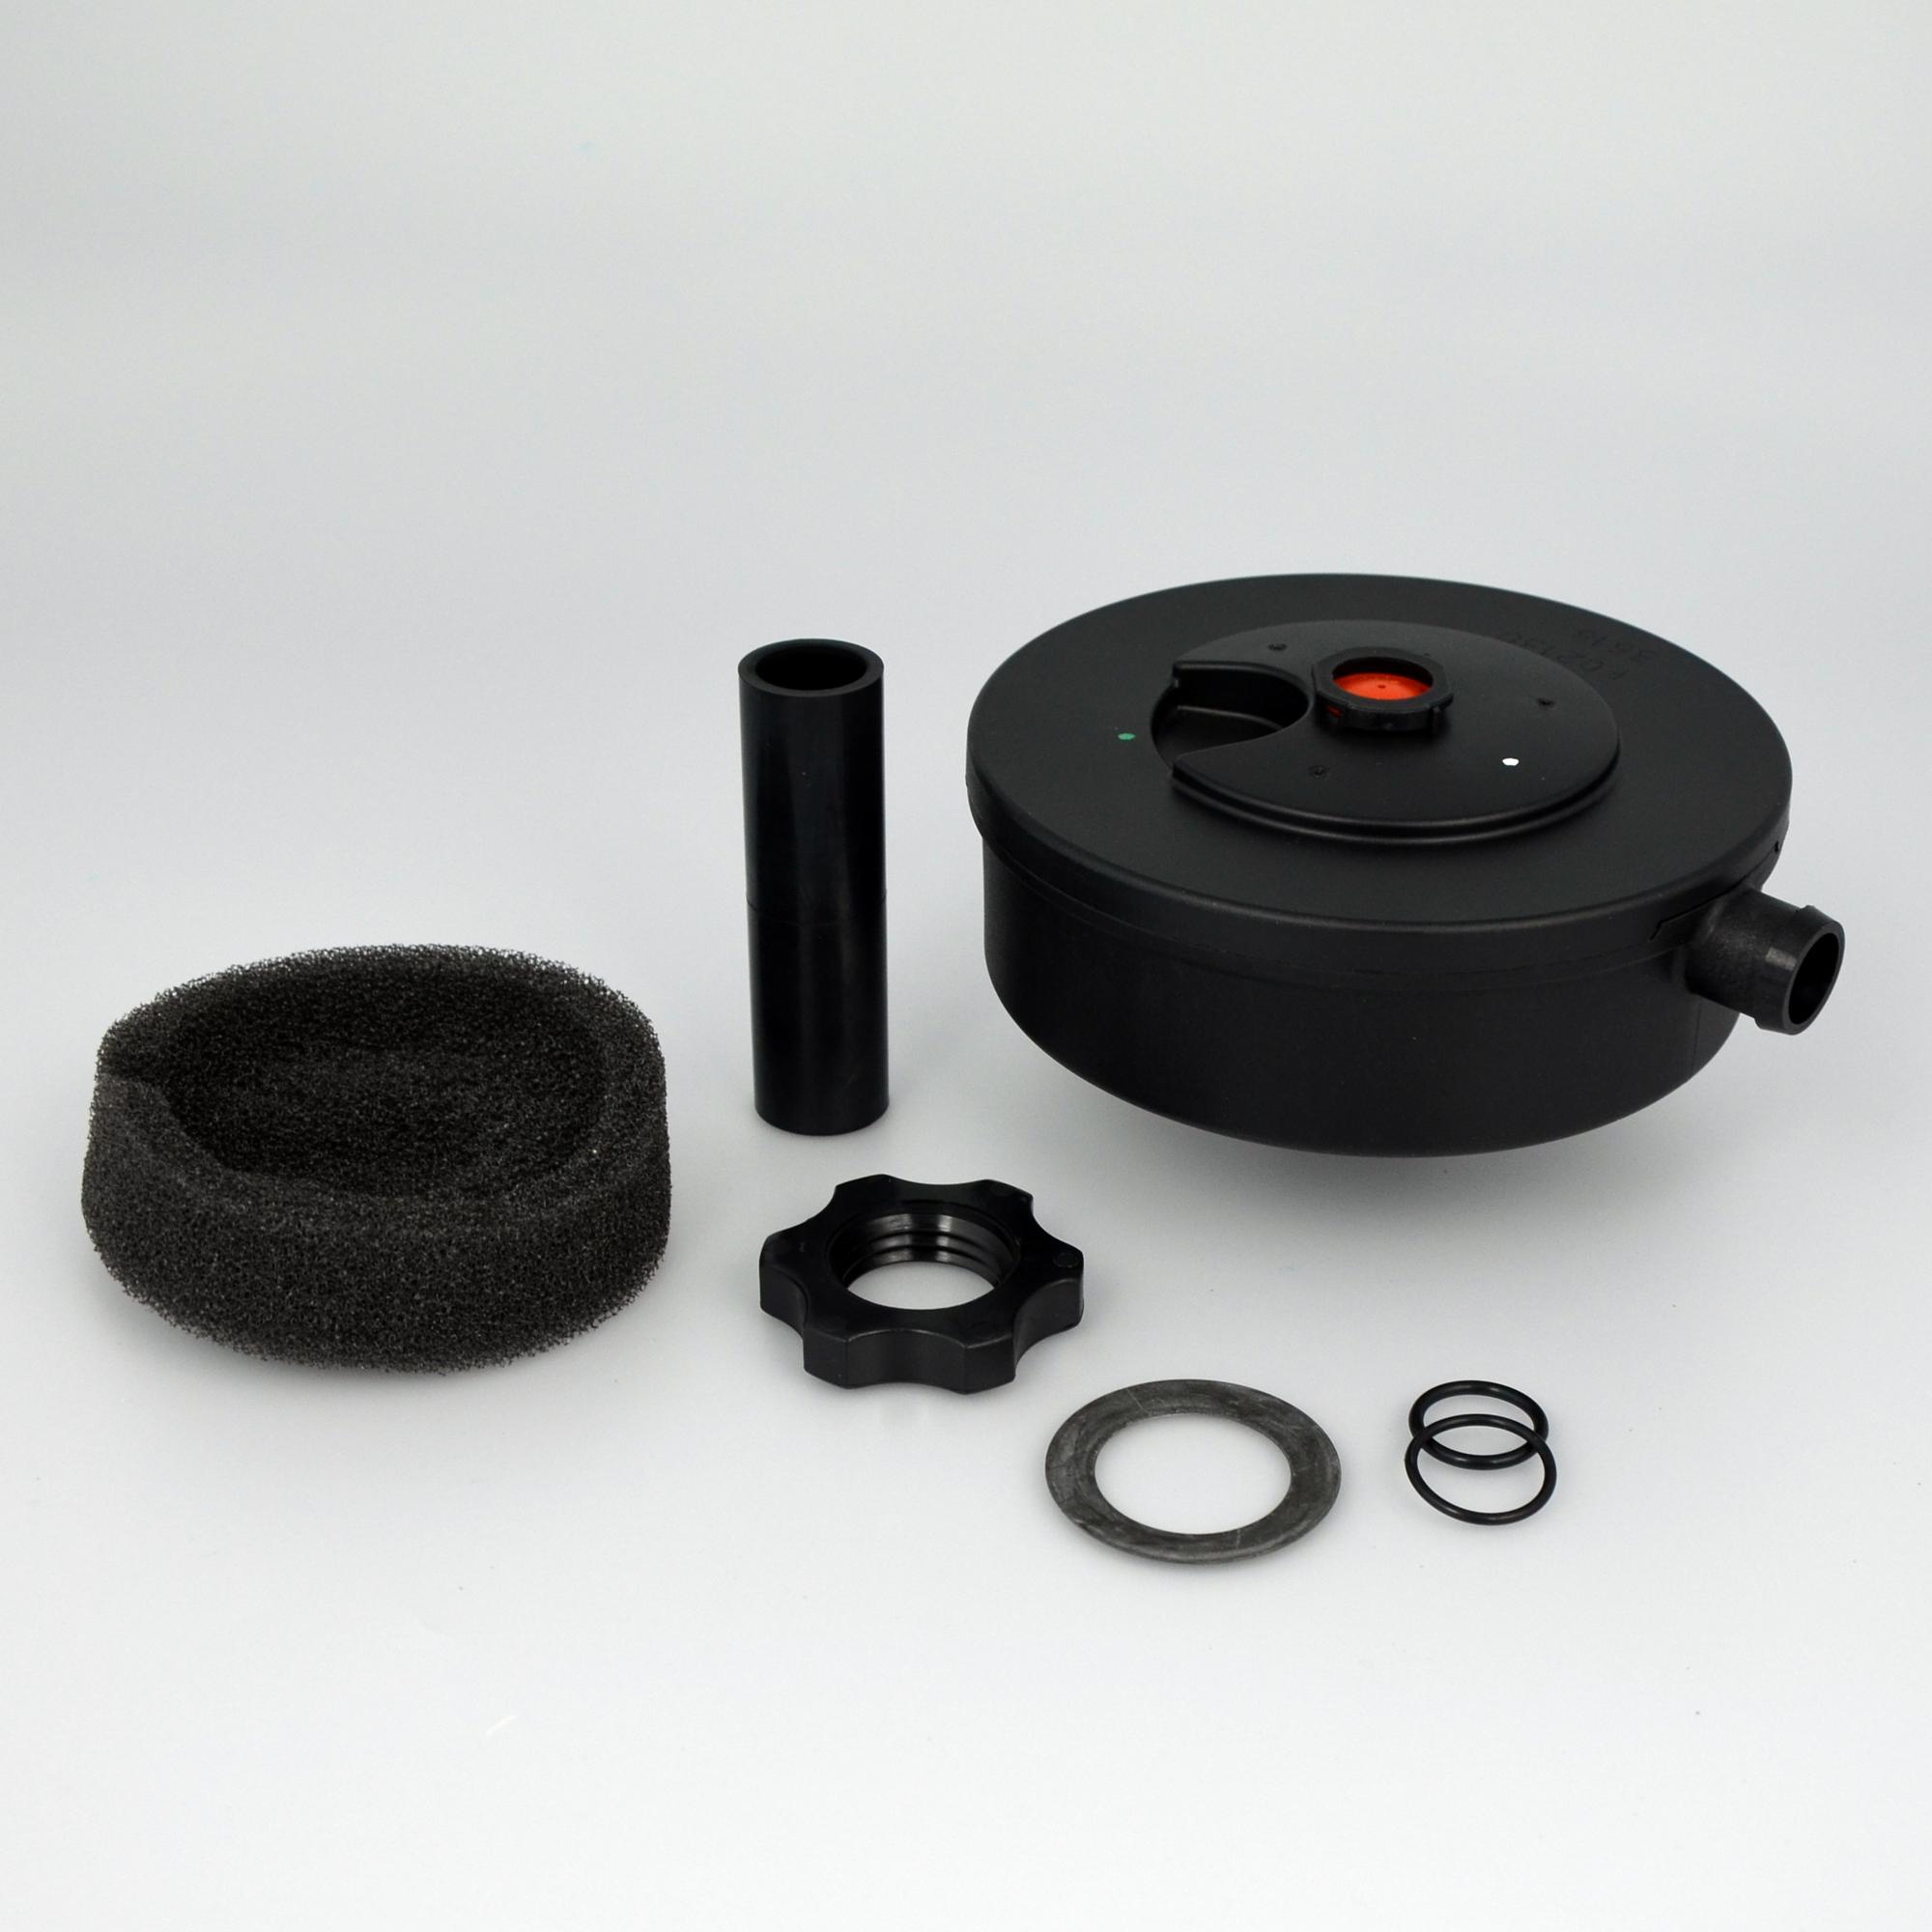 filterlement-kit-veivhusventilasjon-20452-Lekang-Filter